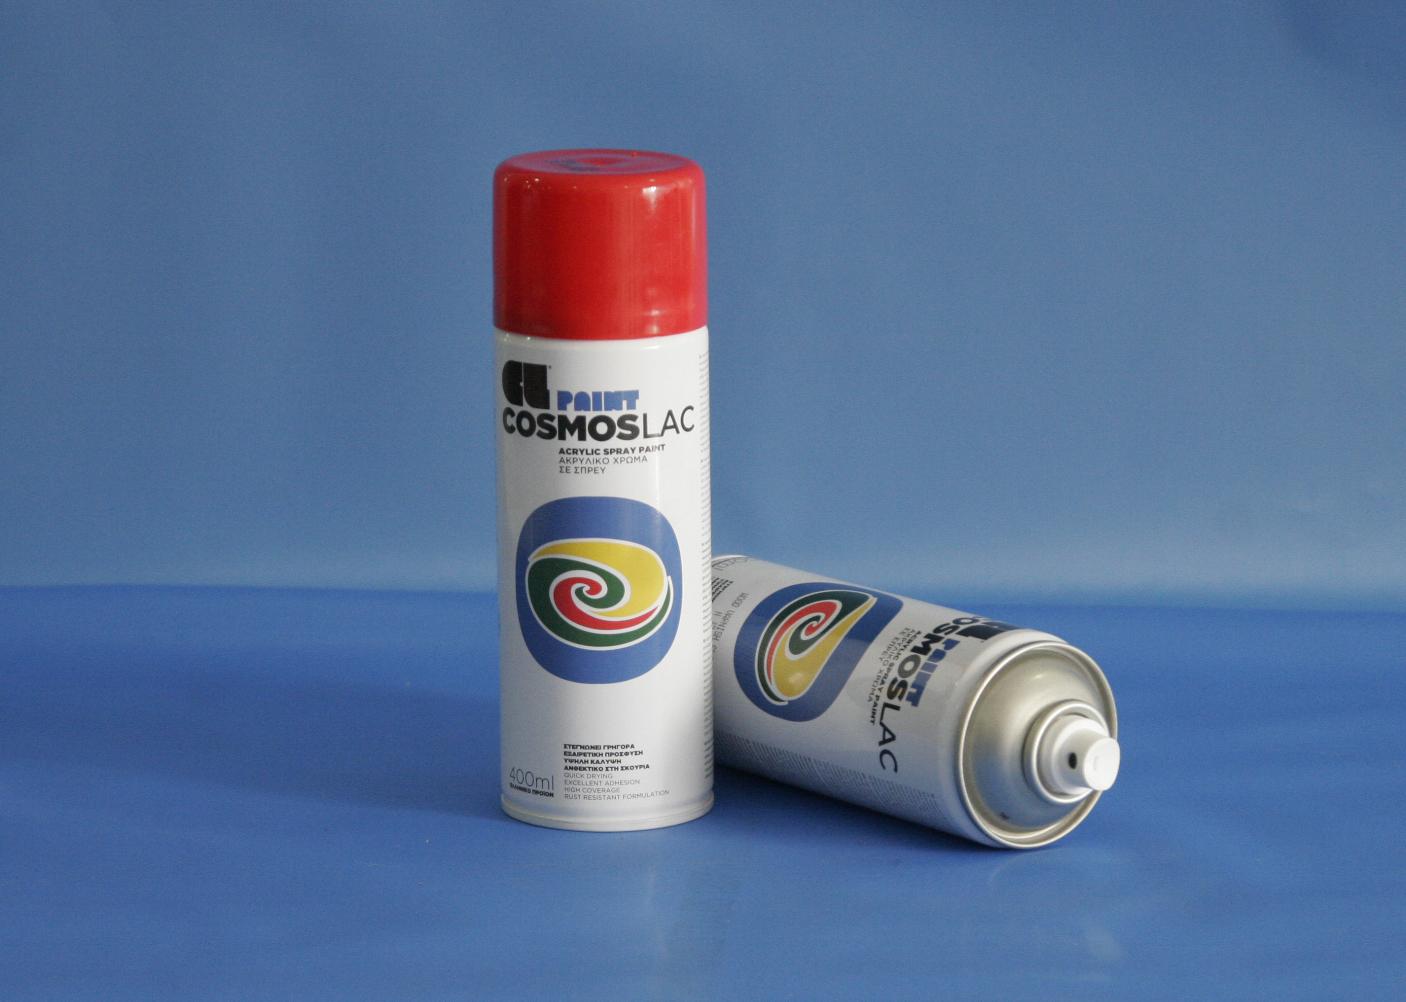 Cosmos-Lac N312 400ml Traffic Red (Spray Can)